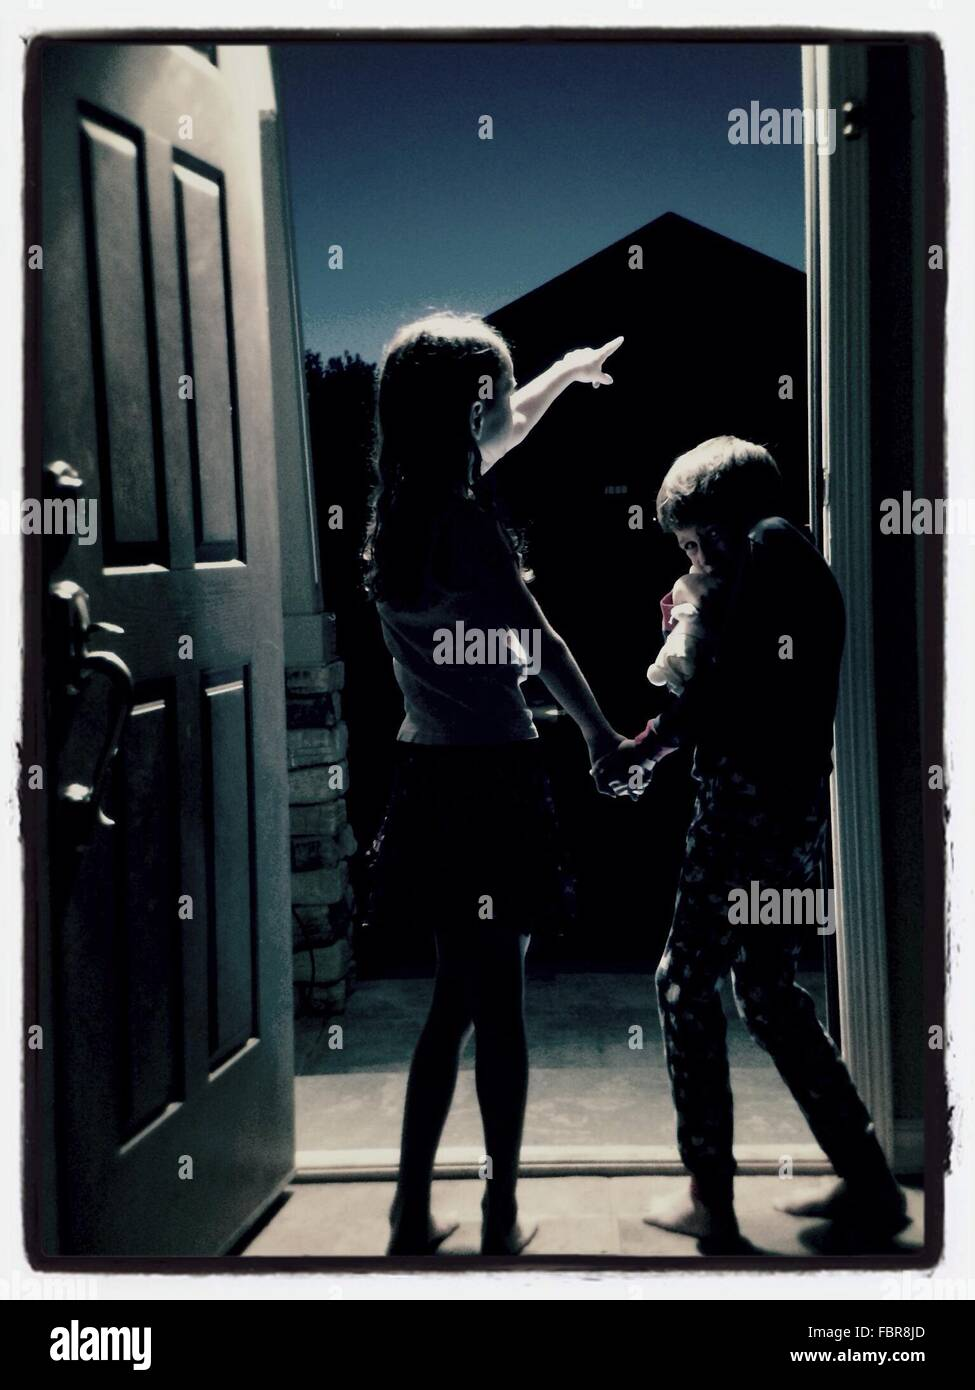 Geschwister, die nachts auf Tür stehen Stockbild